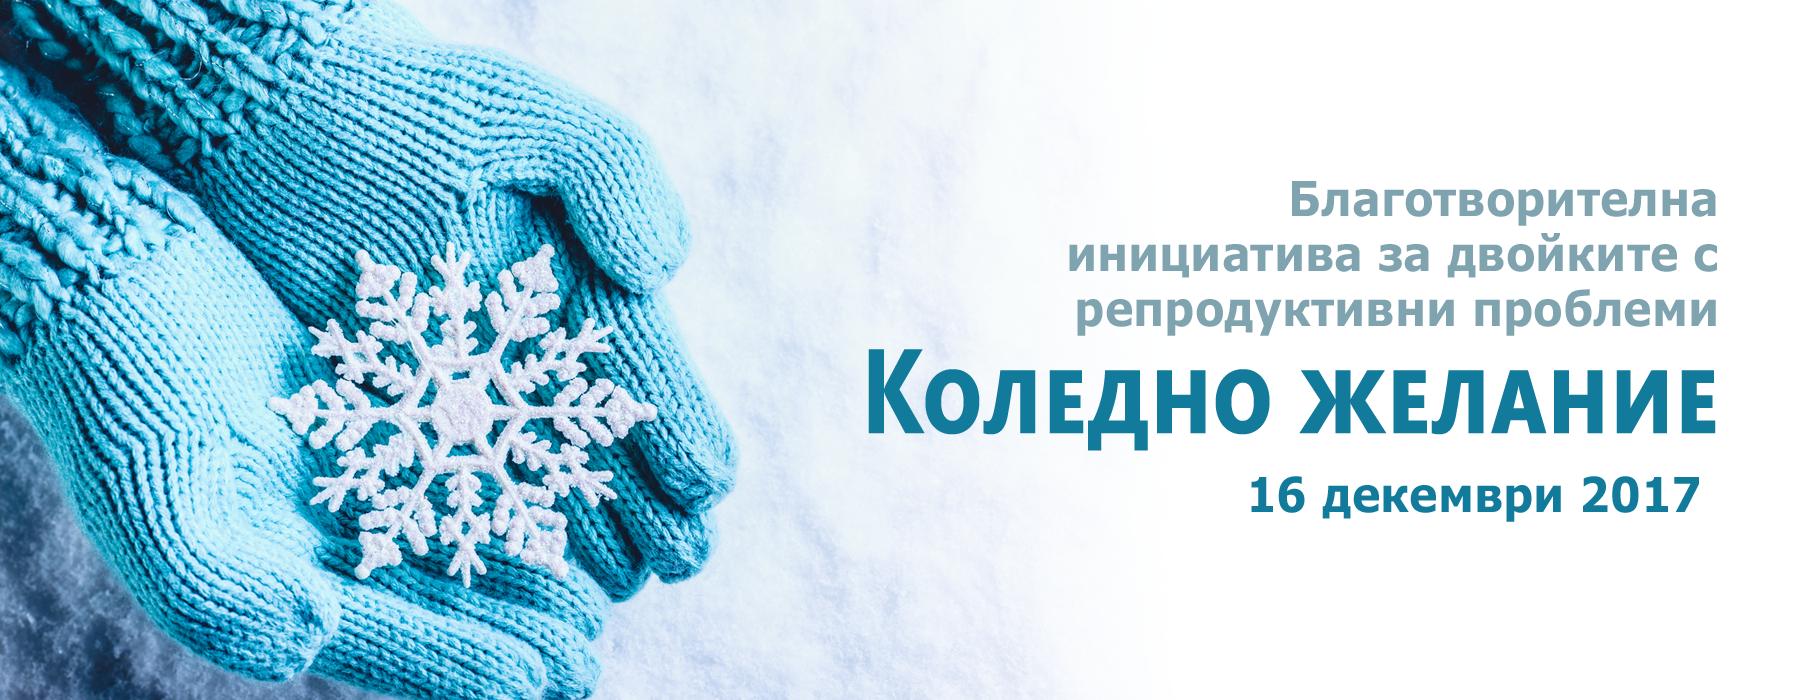 Благотворителна инициатива Коледно желание